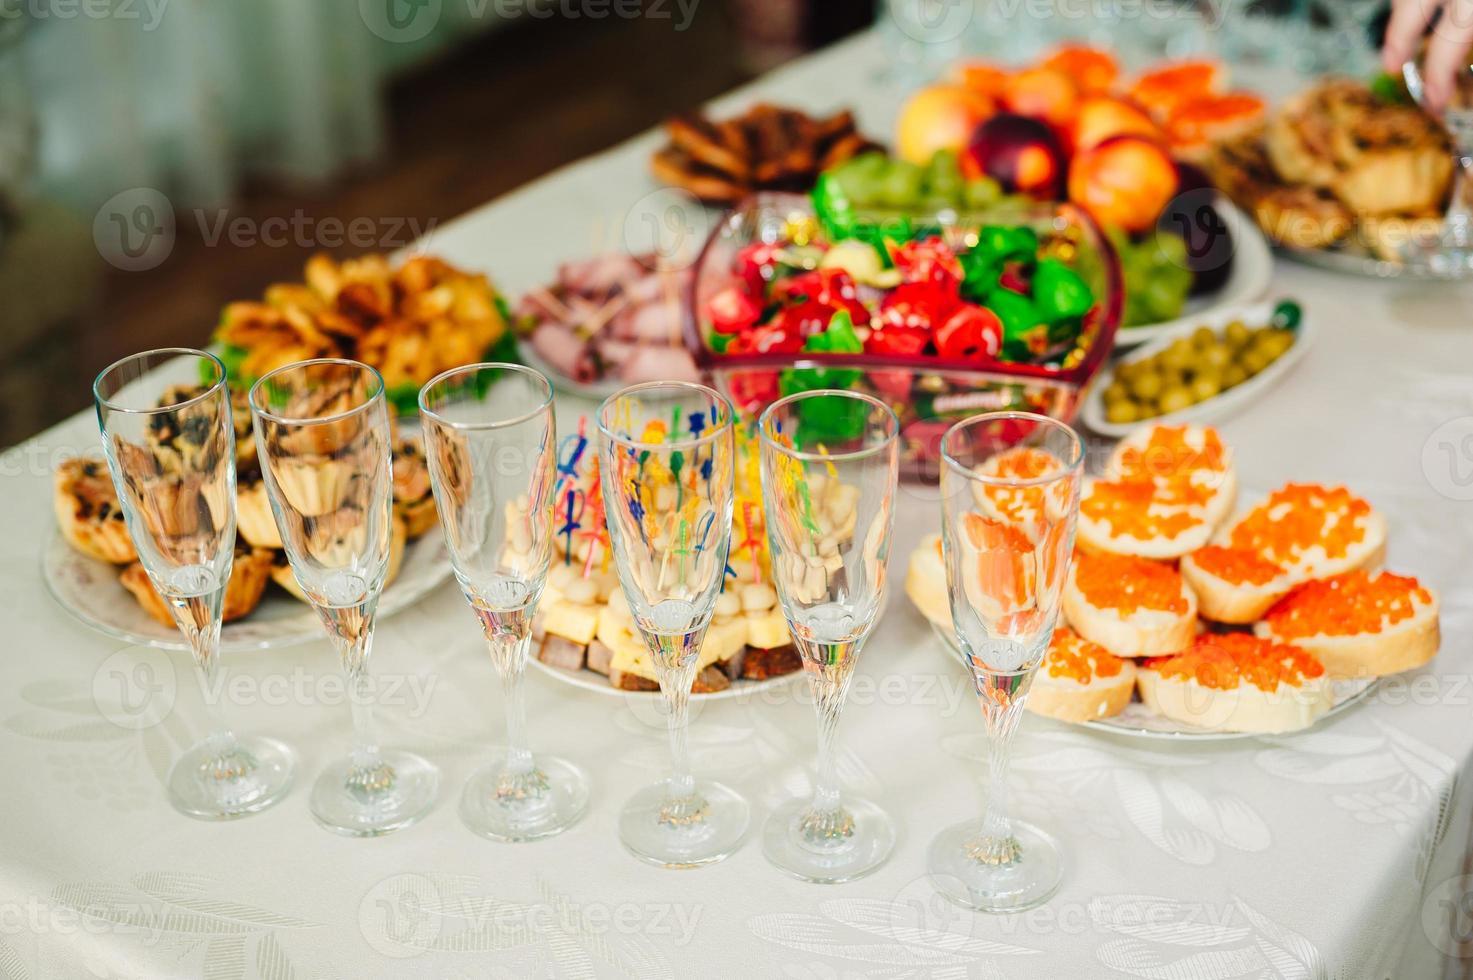 bord med mat och dryck foto